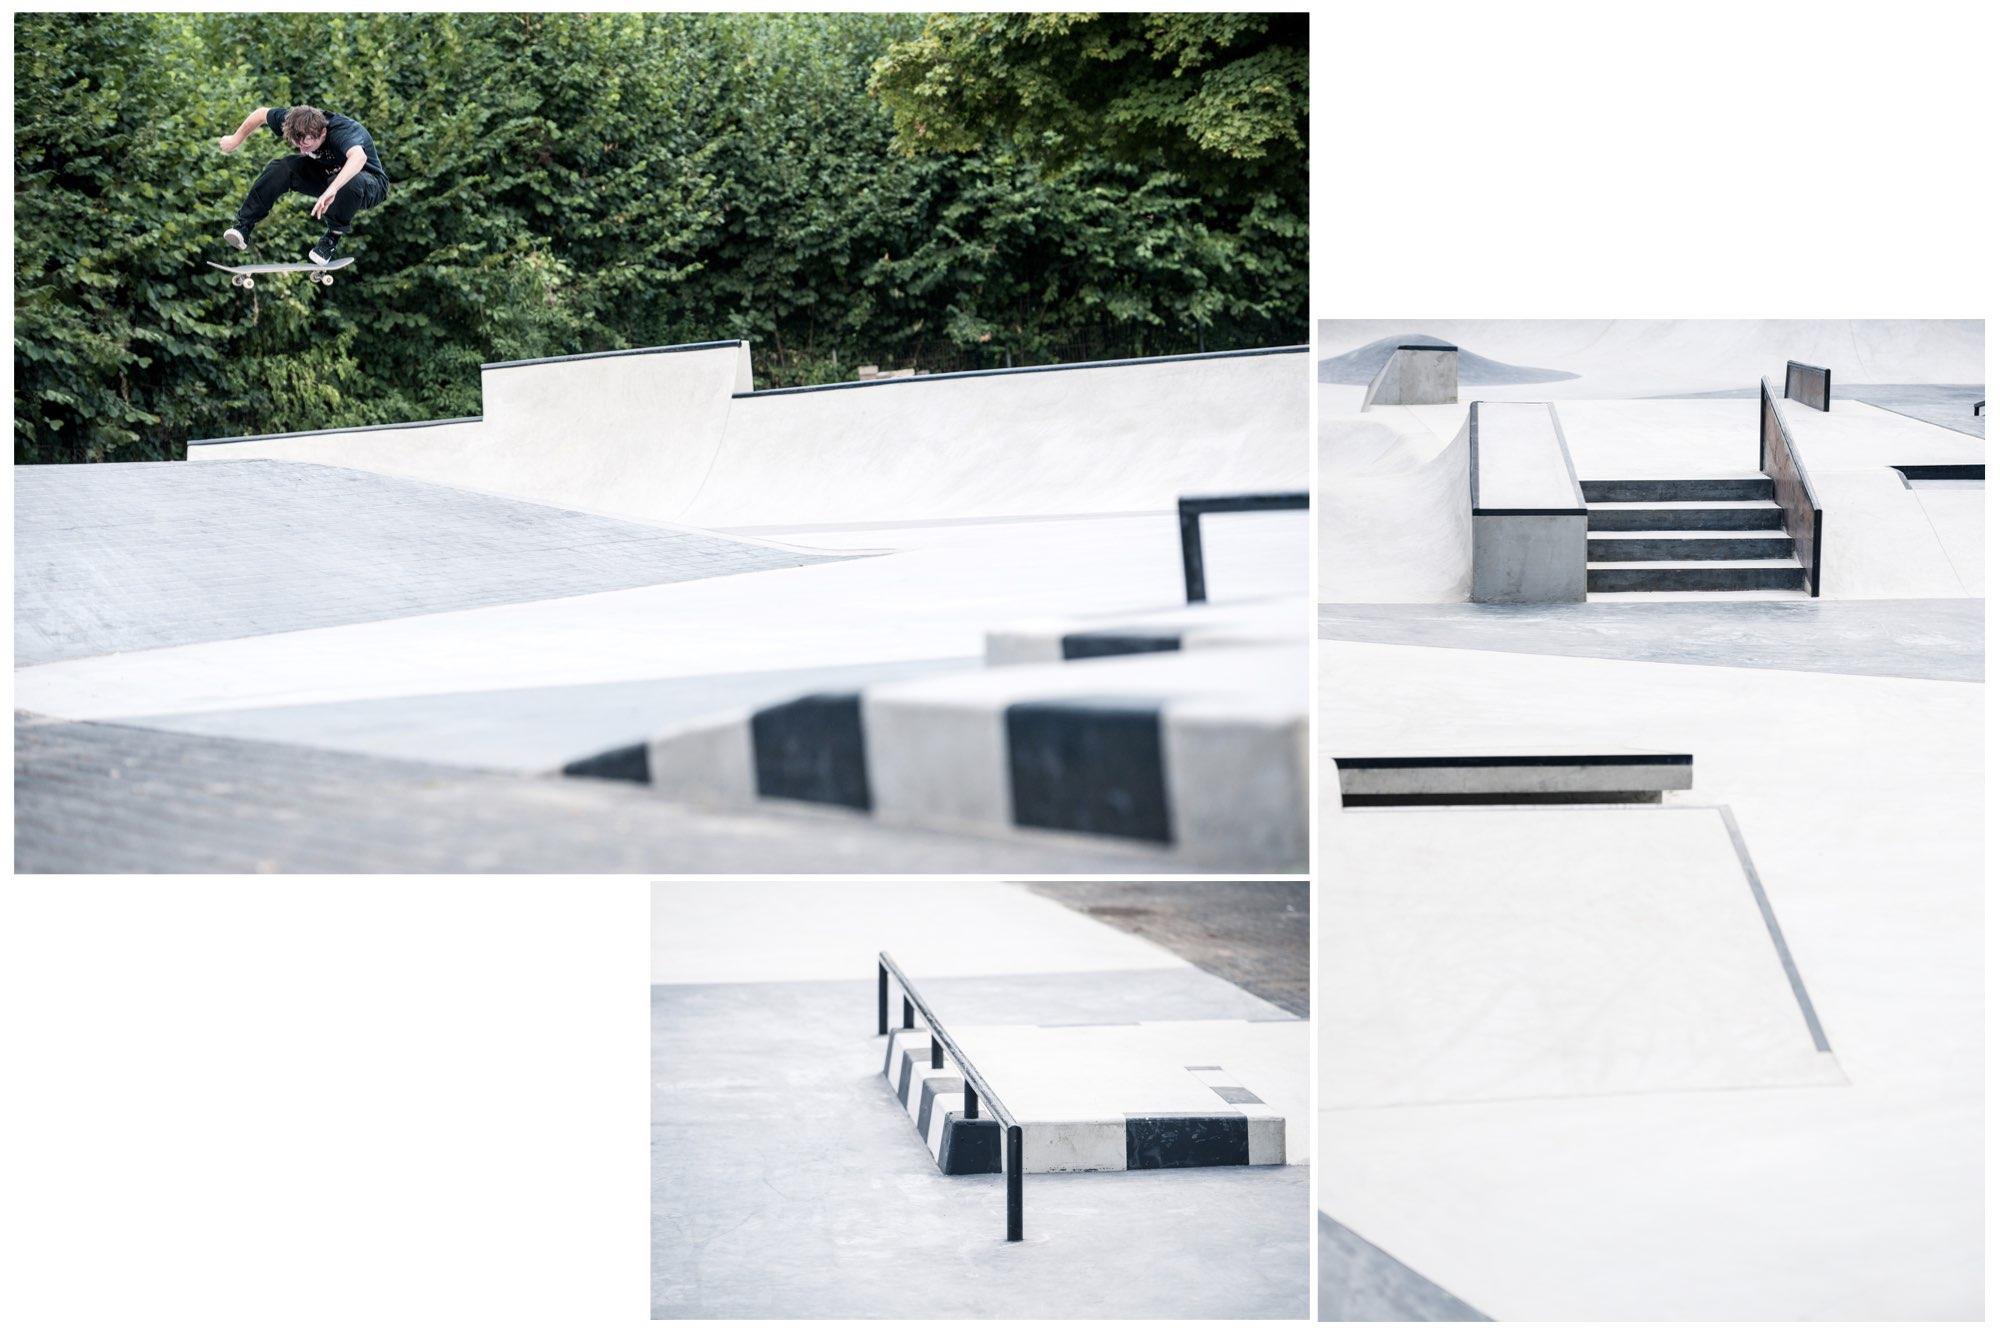 lndskt_skatepark_planung_bonn_kalle_wiehn